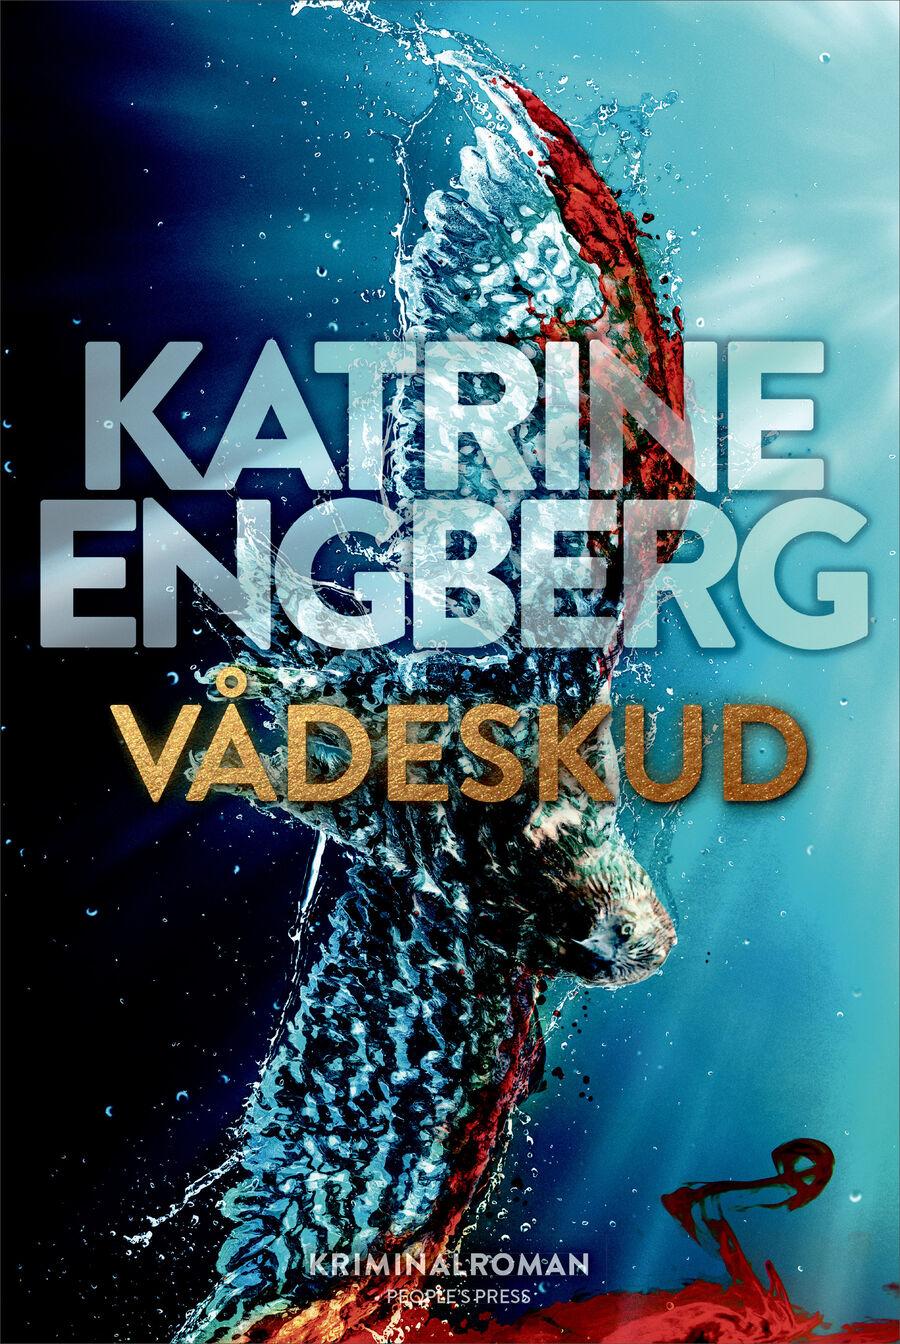 """Krimiforfatteren seneste bog i serien """"Vådeskud"""" udkommer til september"""